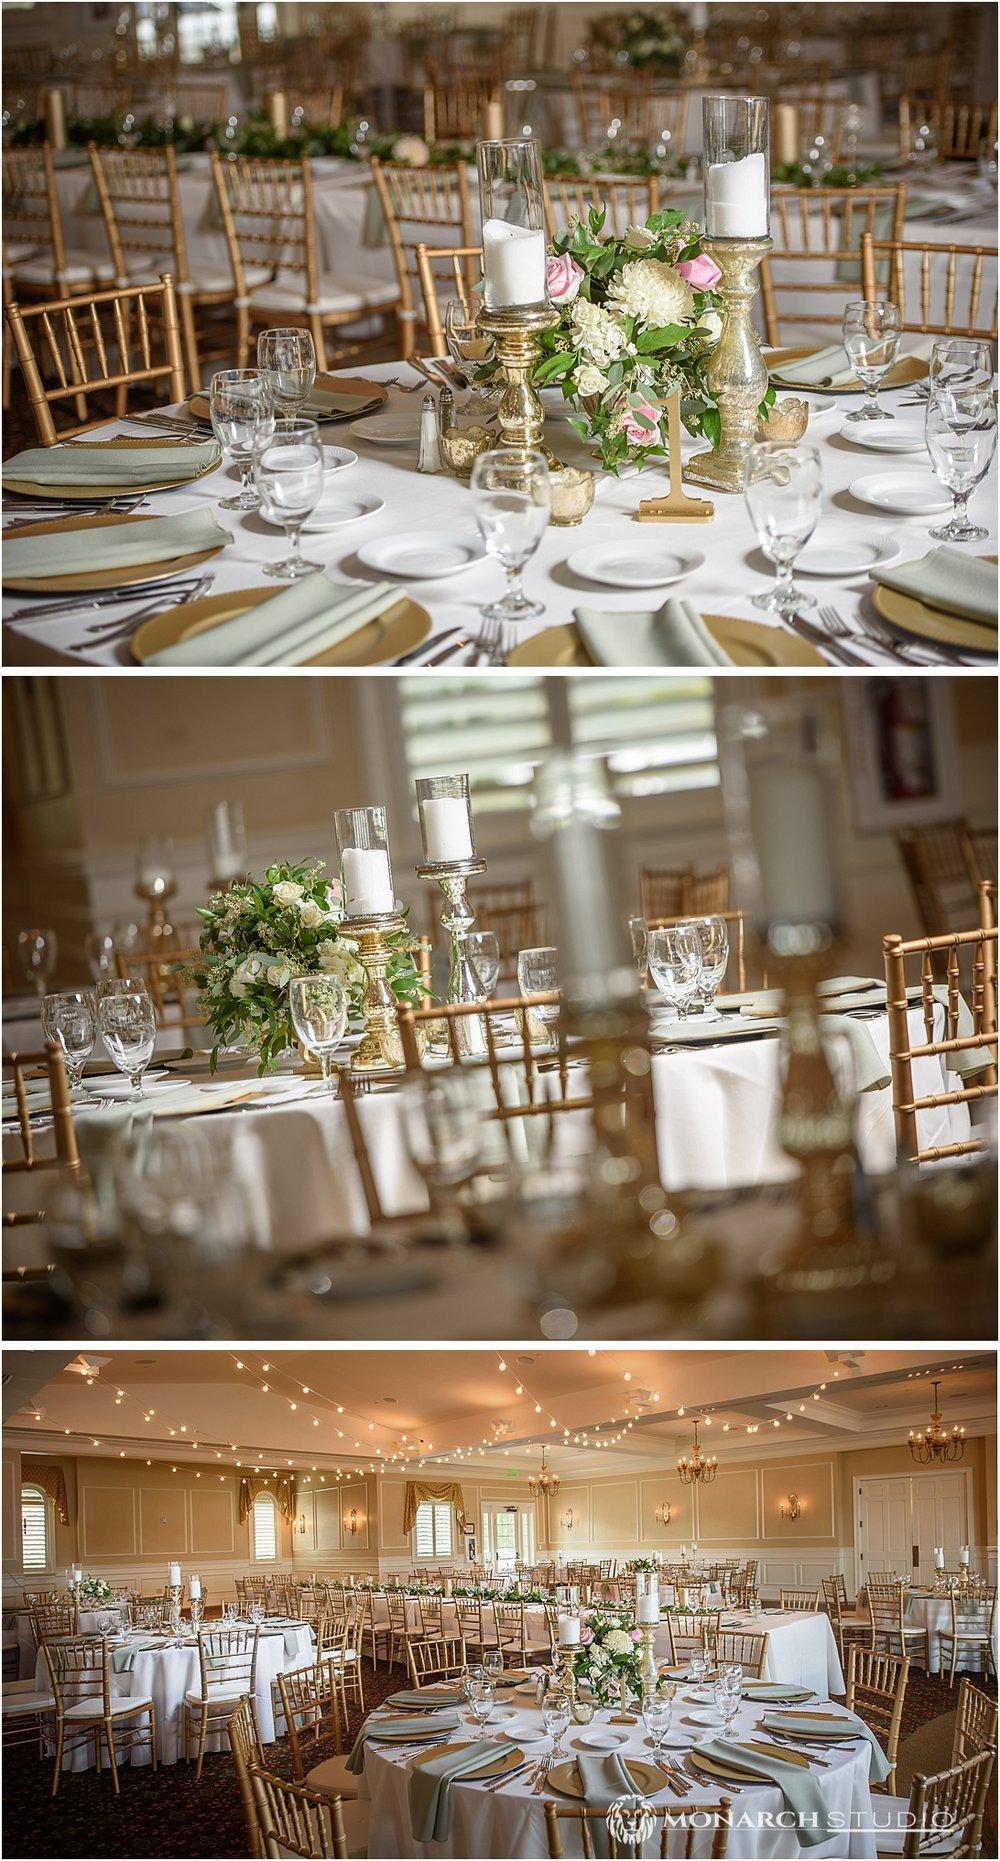 st-augustine-wedding-planner-thewedding-authority-065.jpg